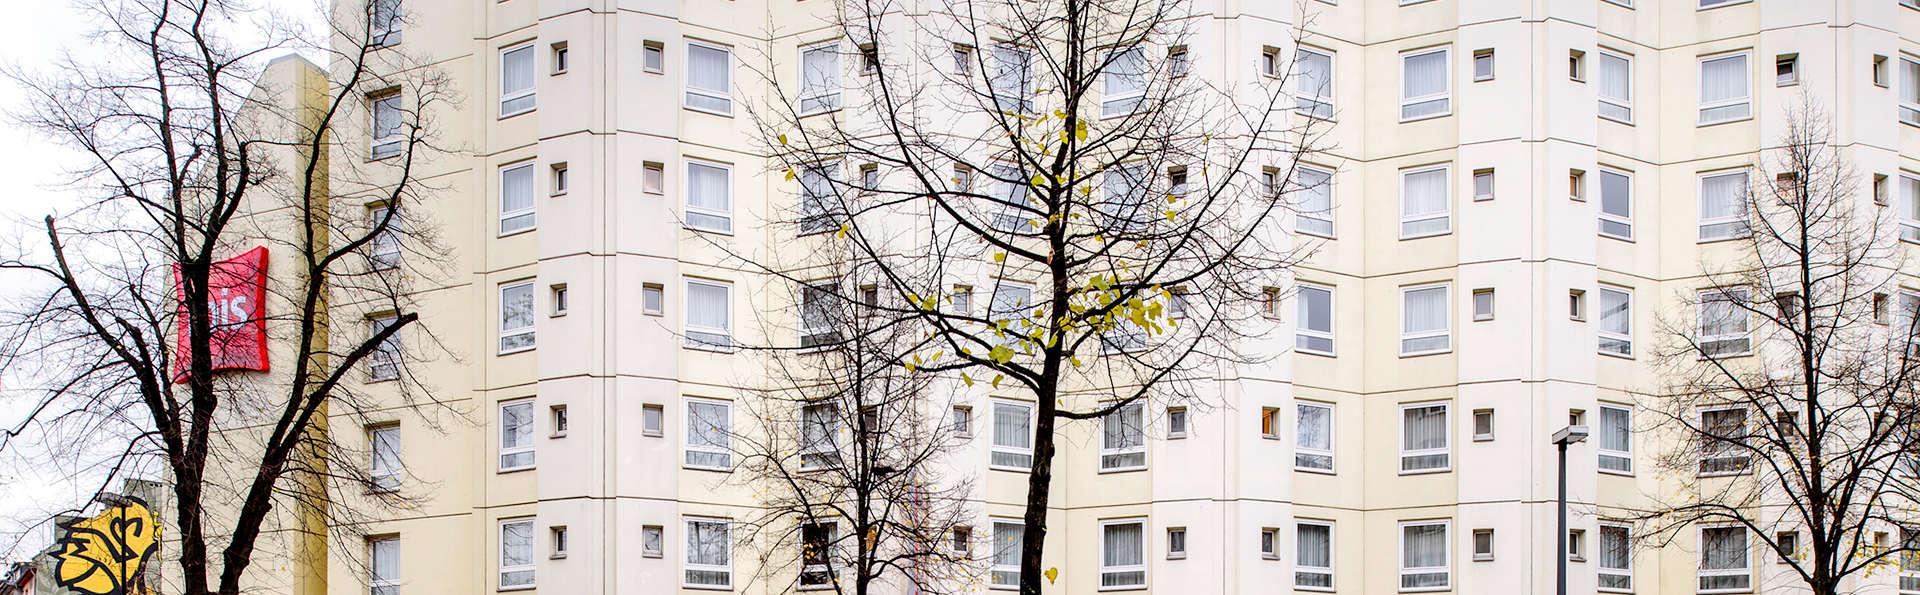 Ibis Hotel Düsseldorf City - Edit_front.jpg